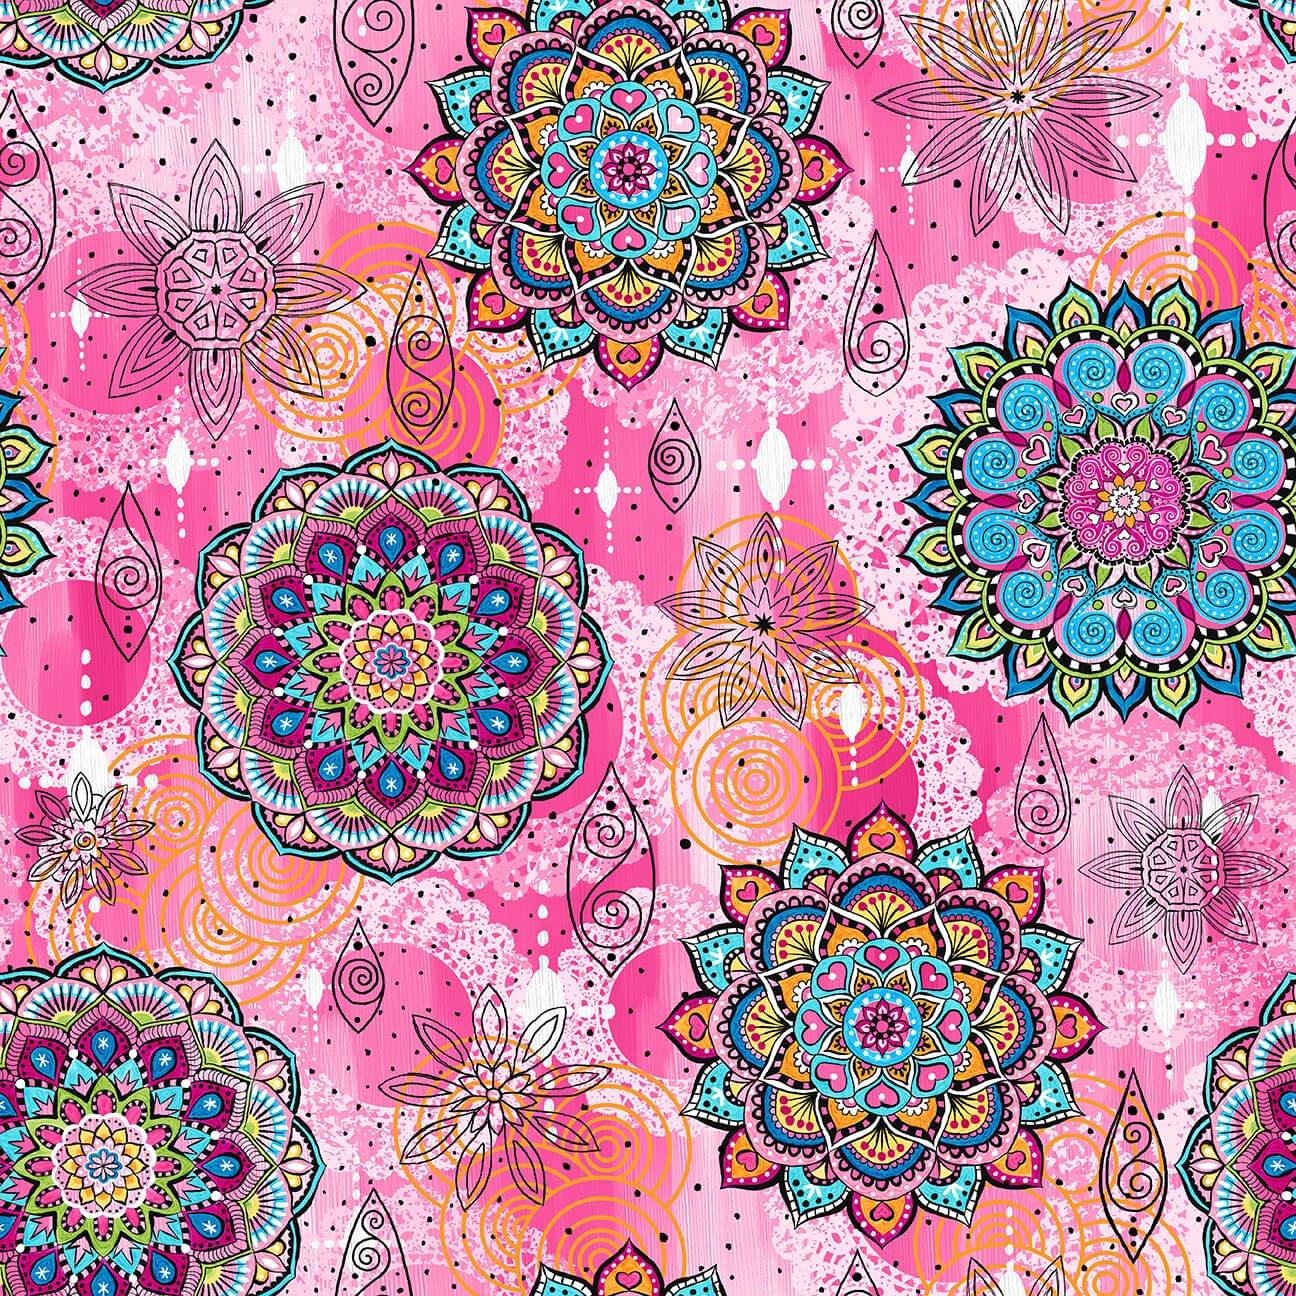 Mandala Tango Mandalas Pink 9647-22